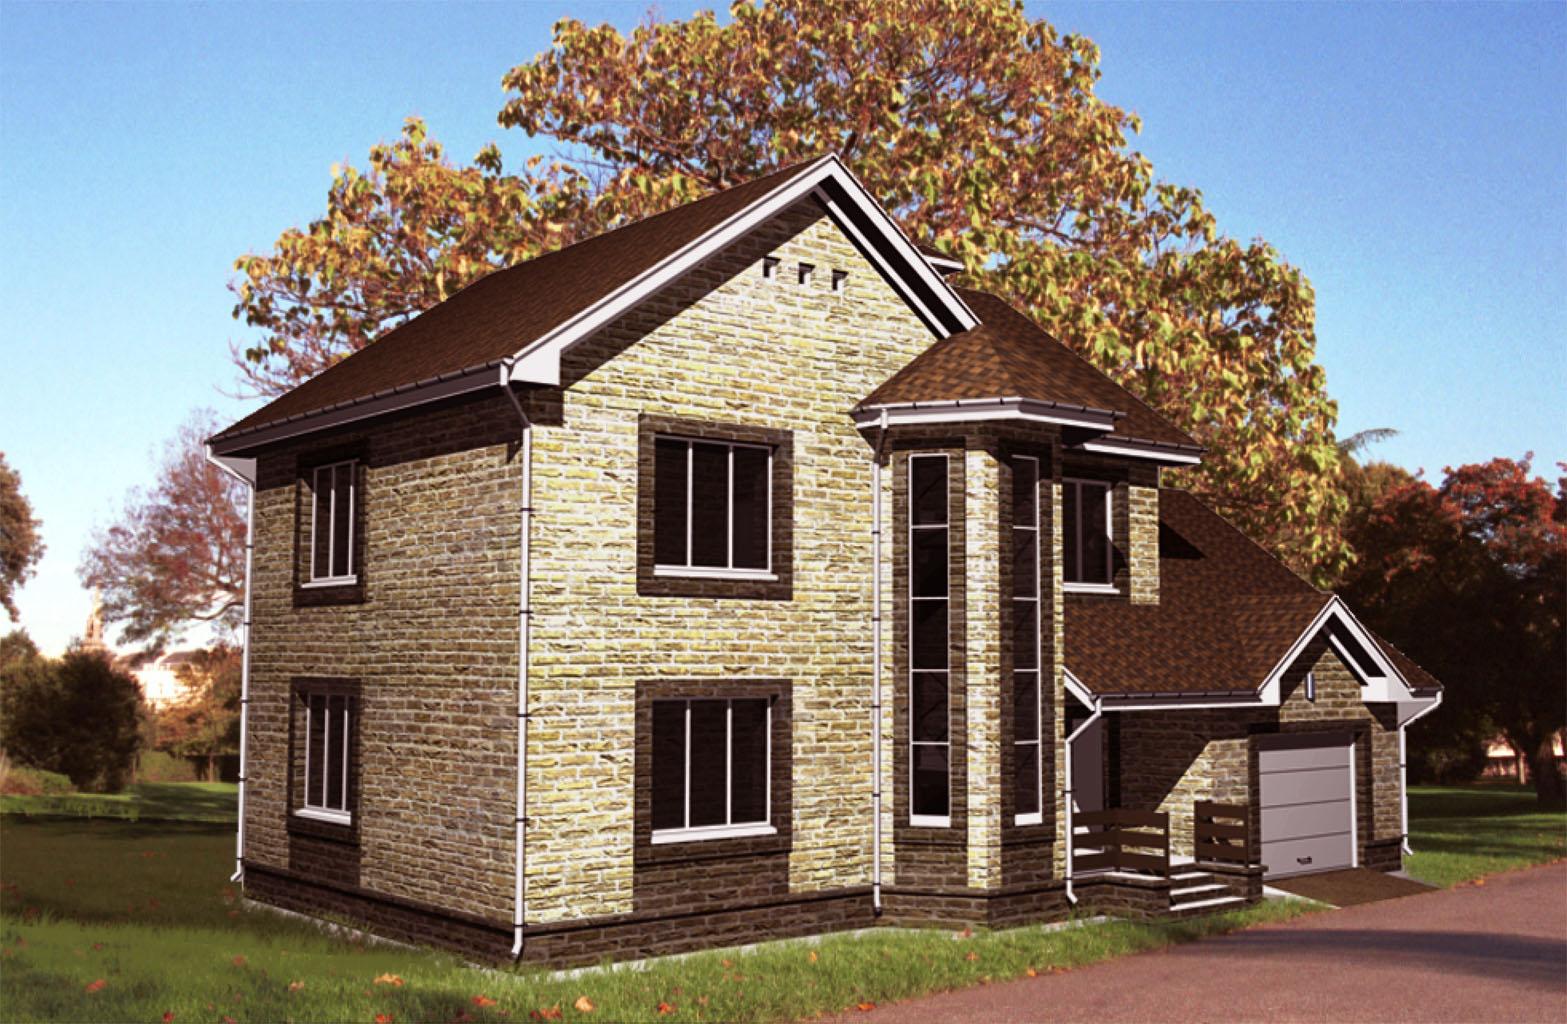 Двухэтажный дом с встроенным гаражом является выгодным решением для загородной постройки